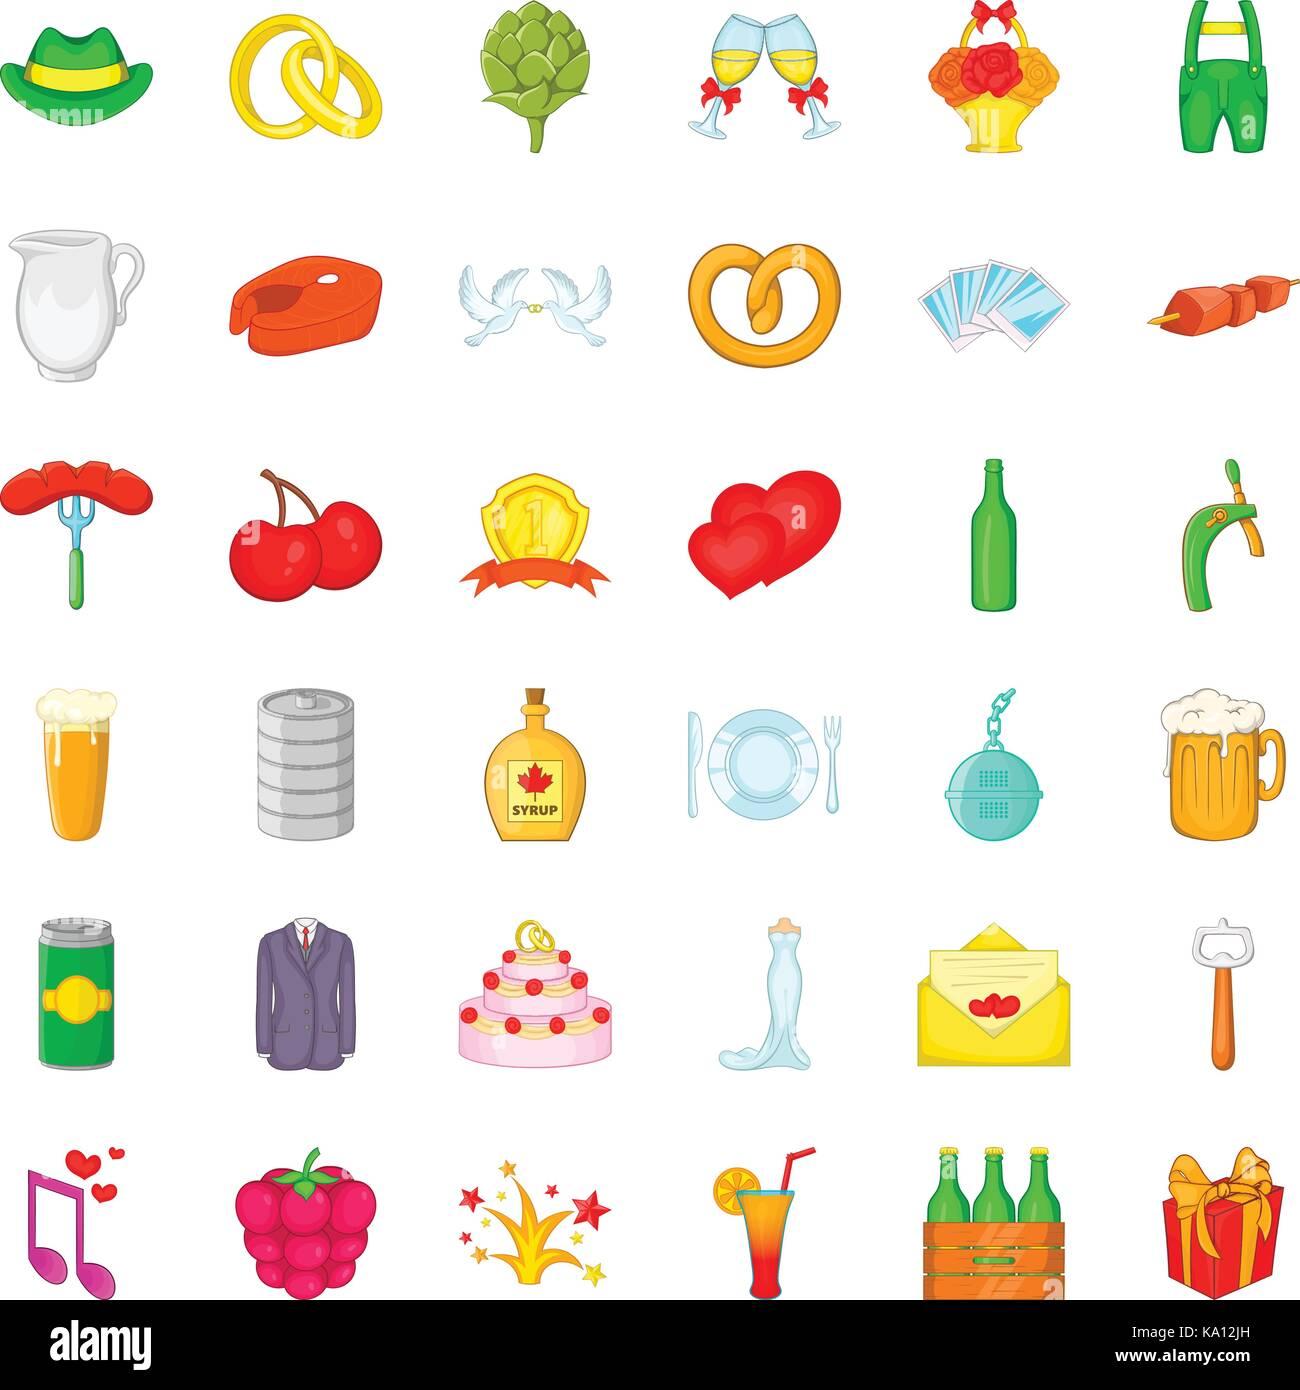 Opener icons set, cartoon style - Stock Image